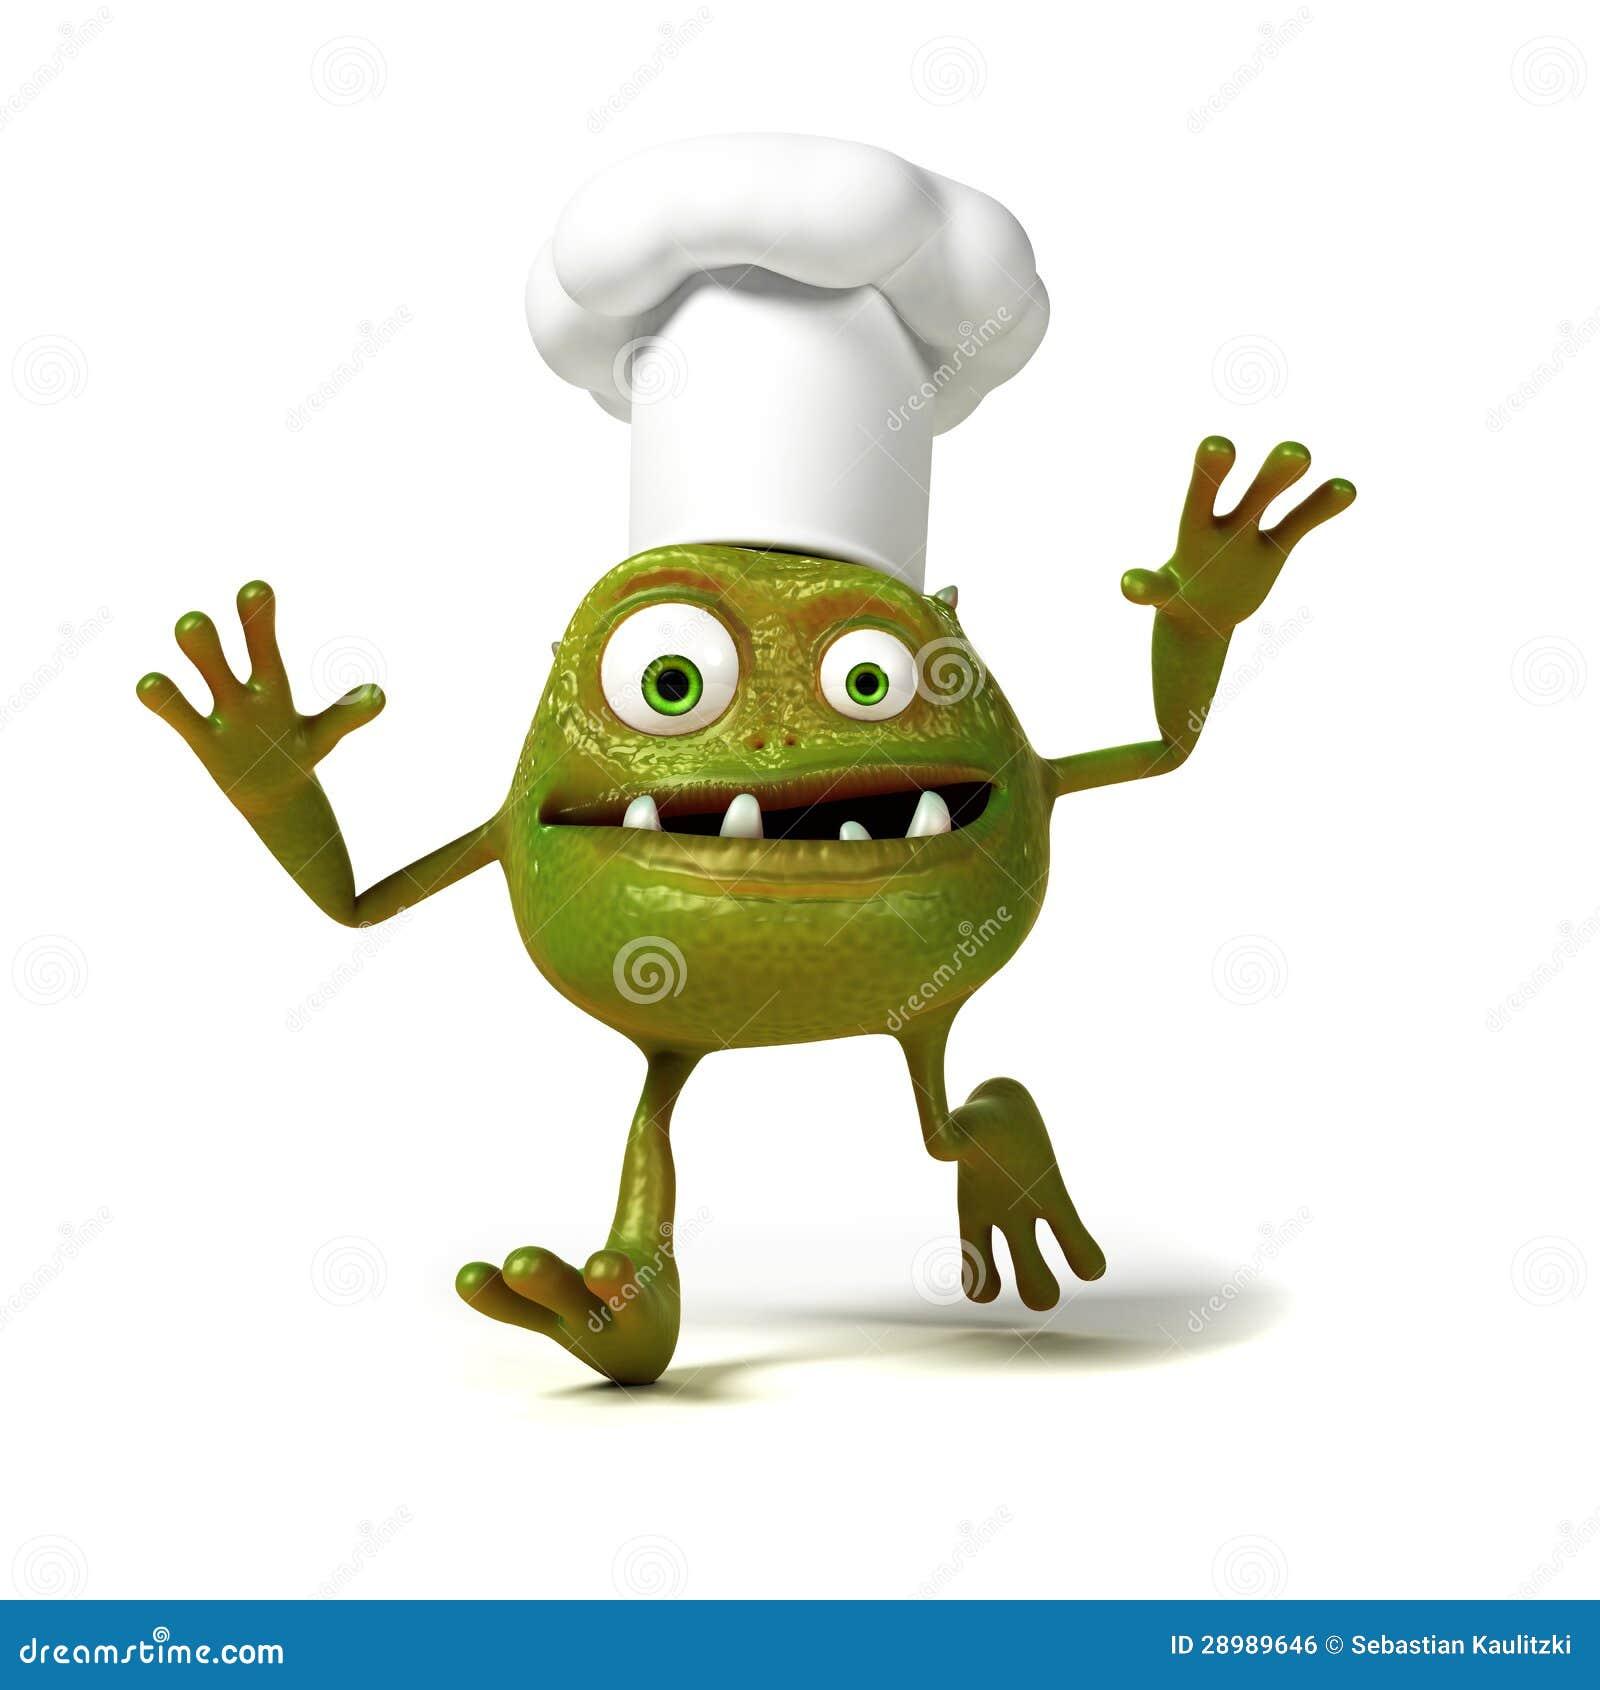 Αστείος χαρακτήρας του Toon βακτηριδίων